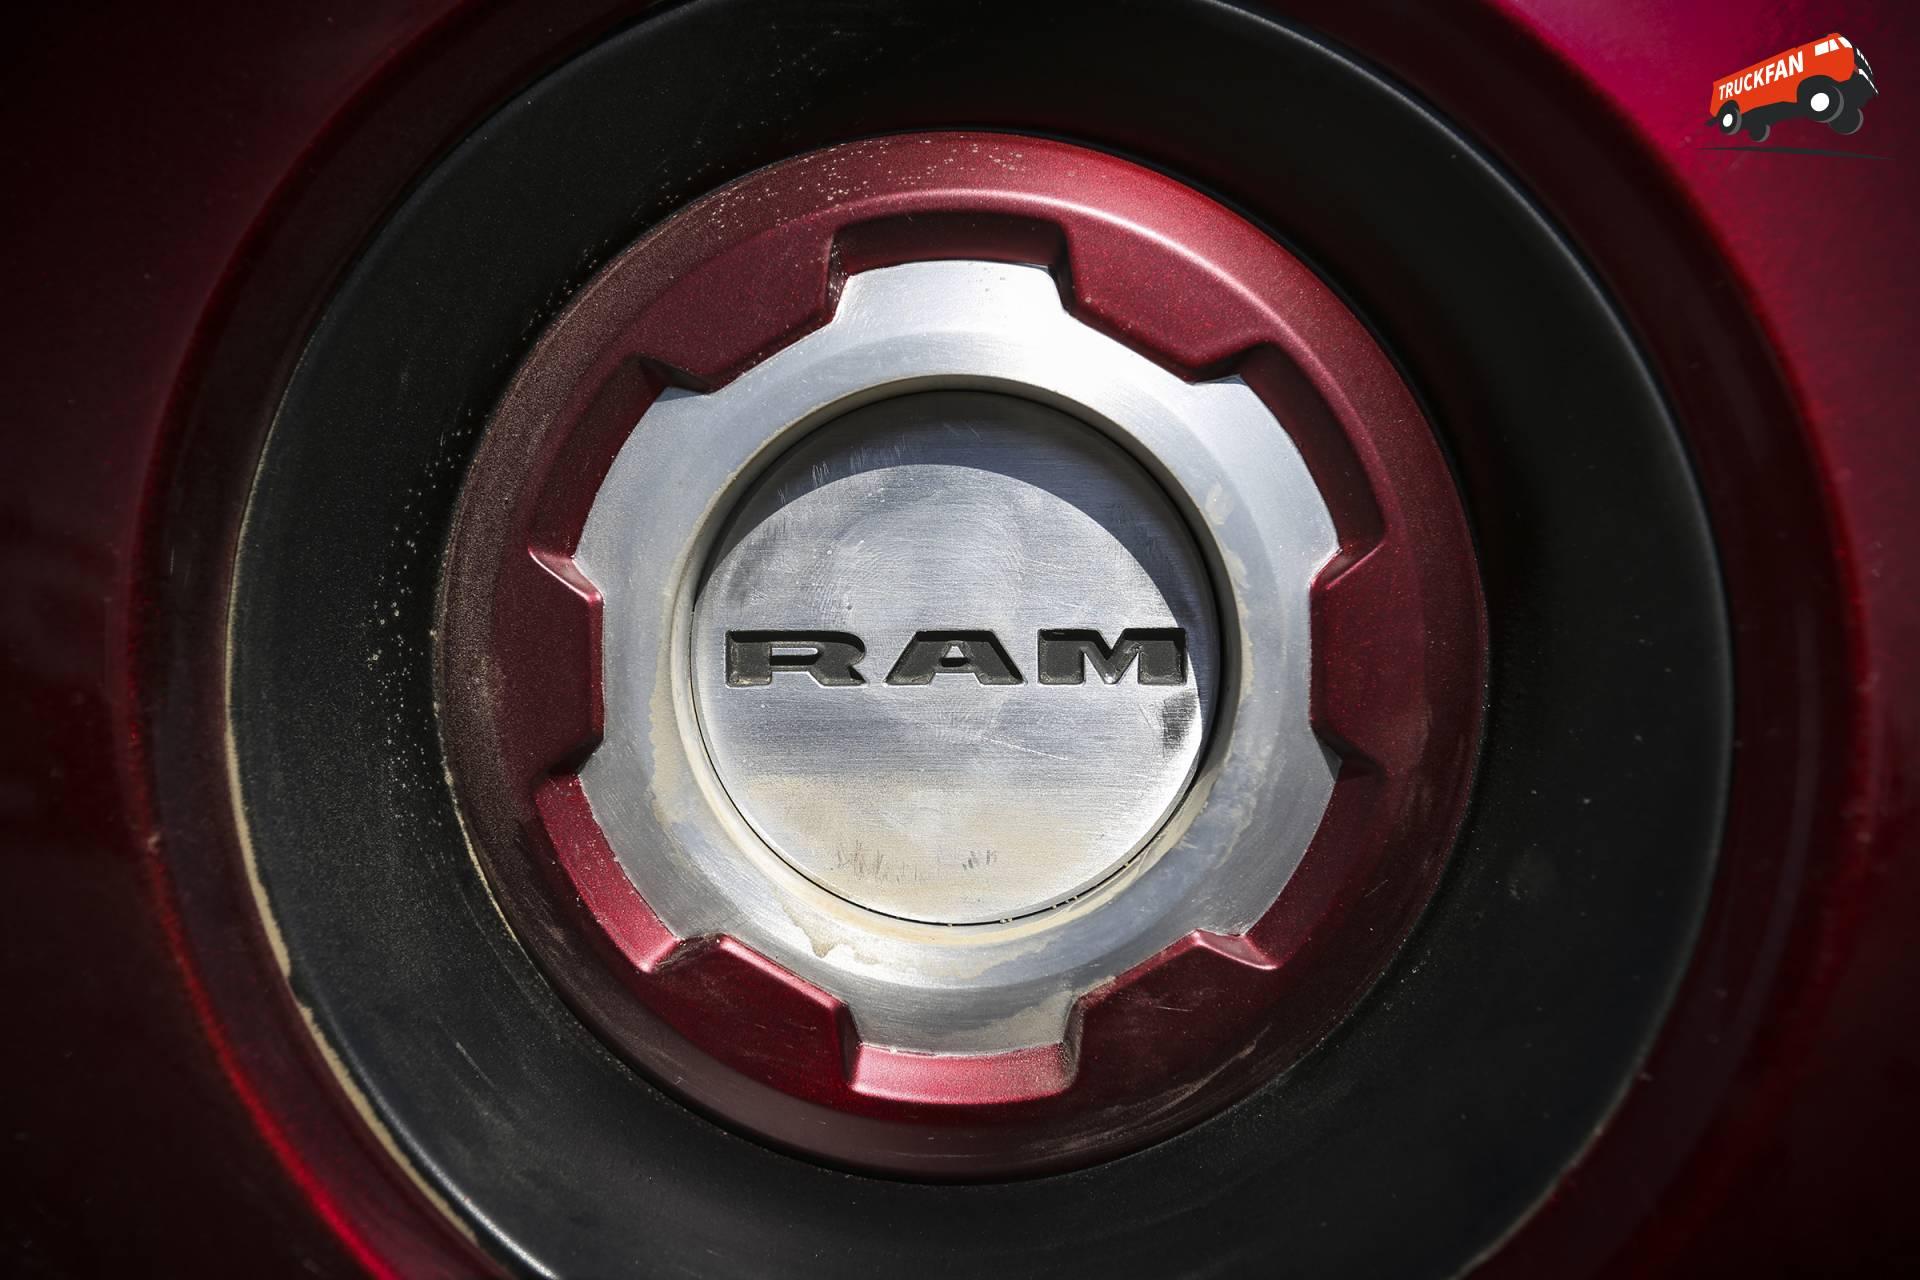 Ram Rebel TRX